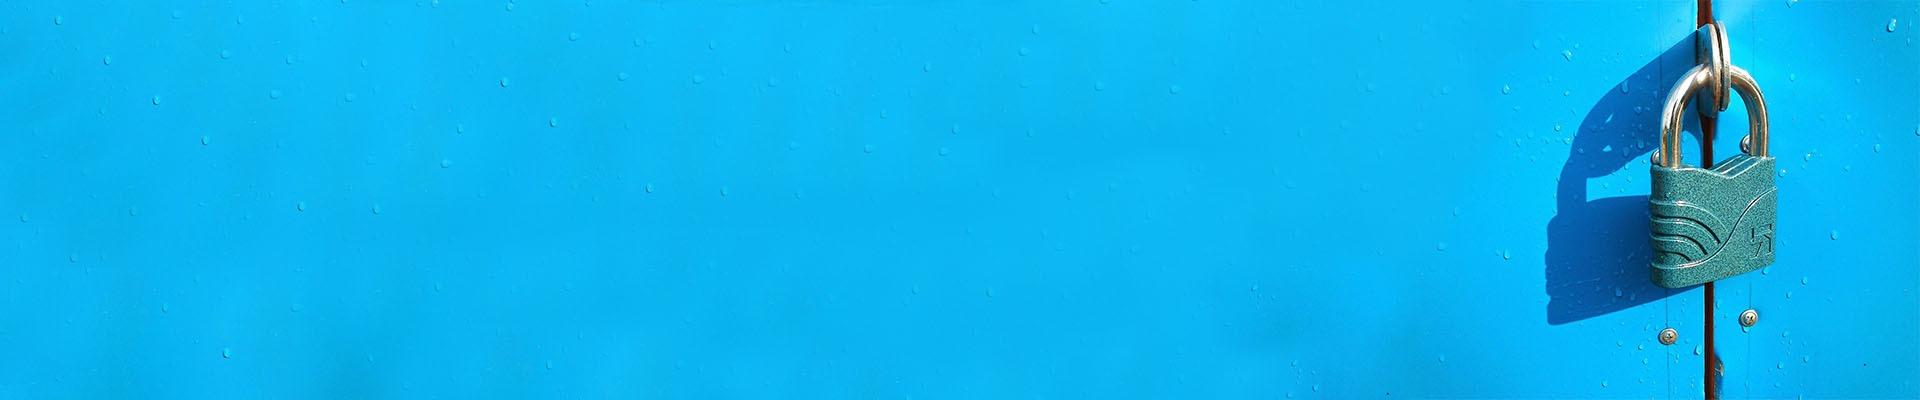 Das Bild zeigt ein Schloss auf blauem Grund.